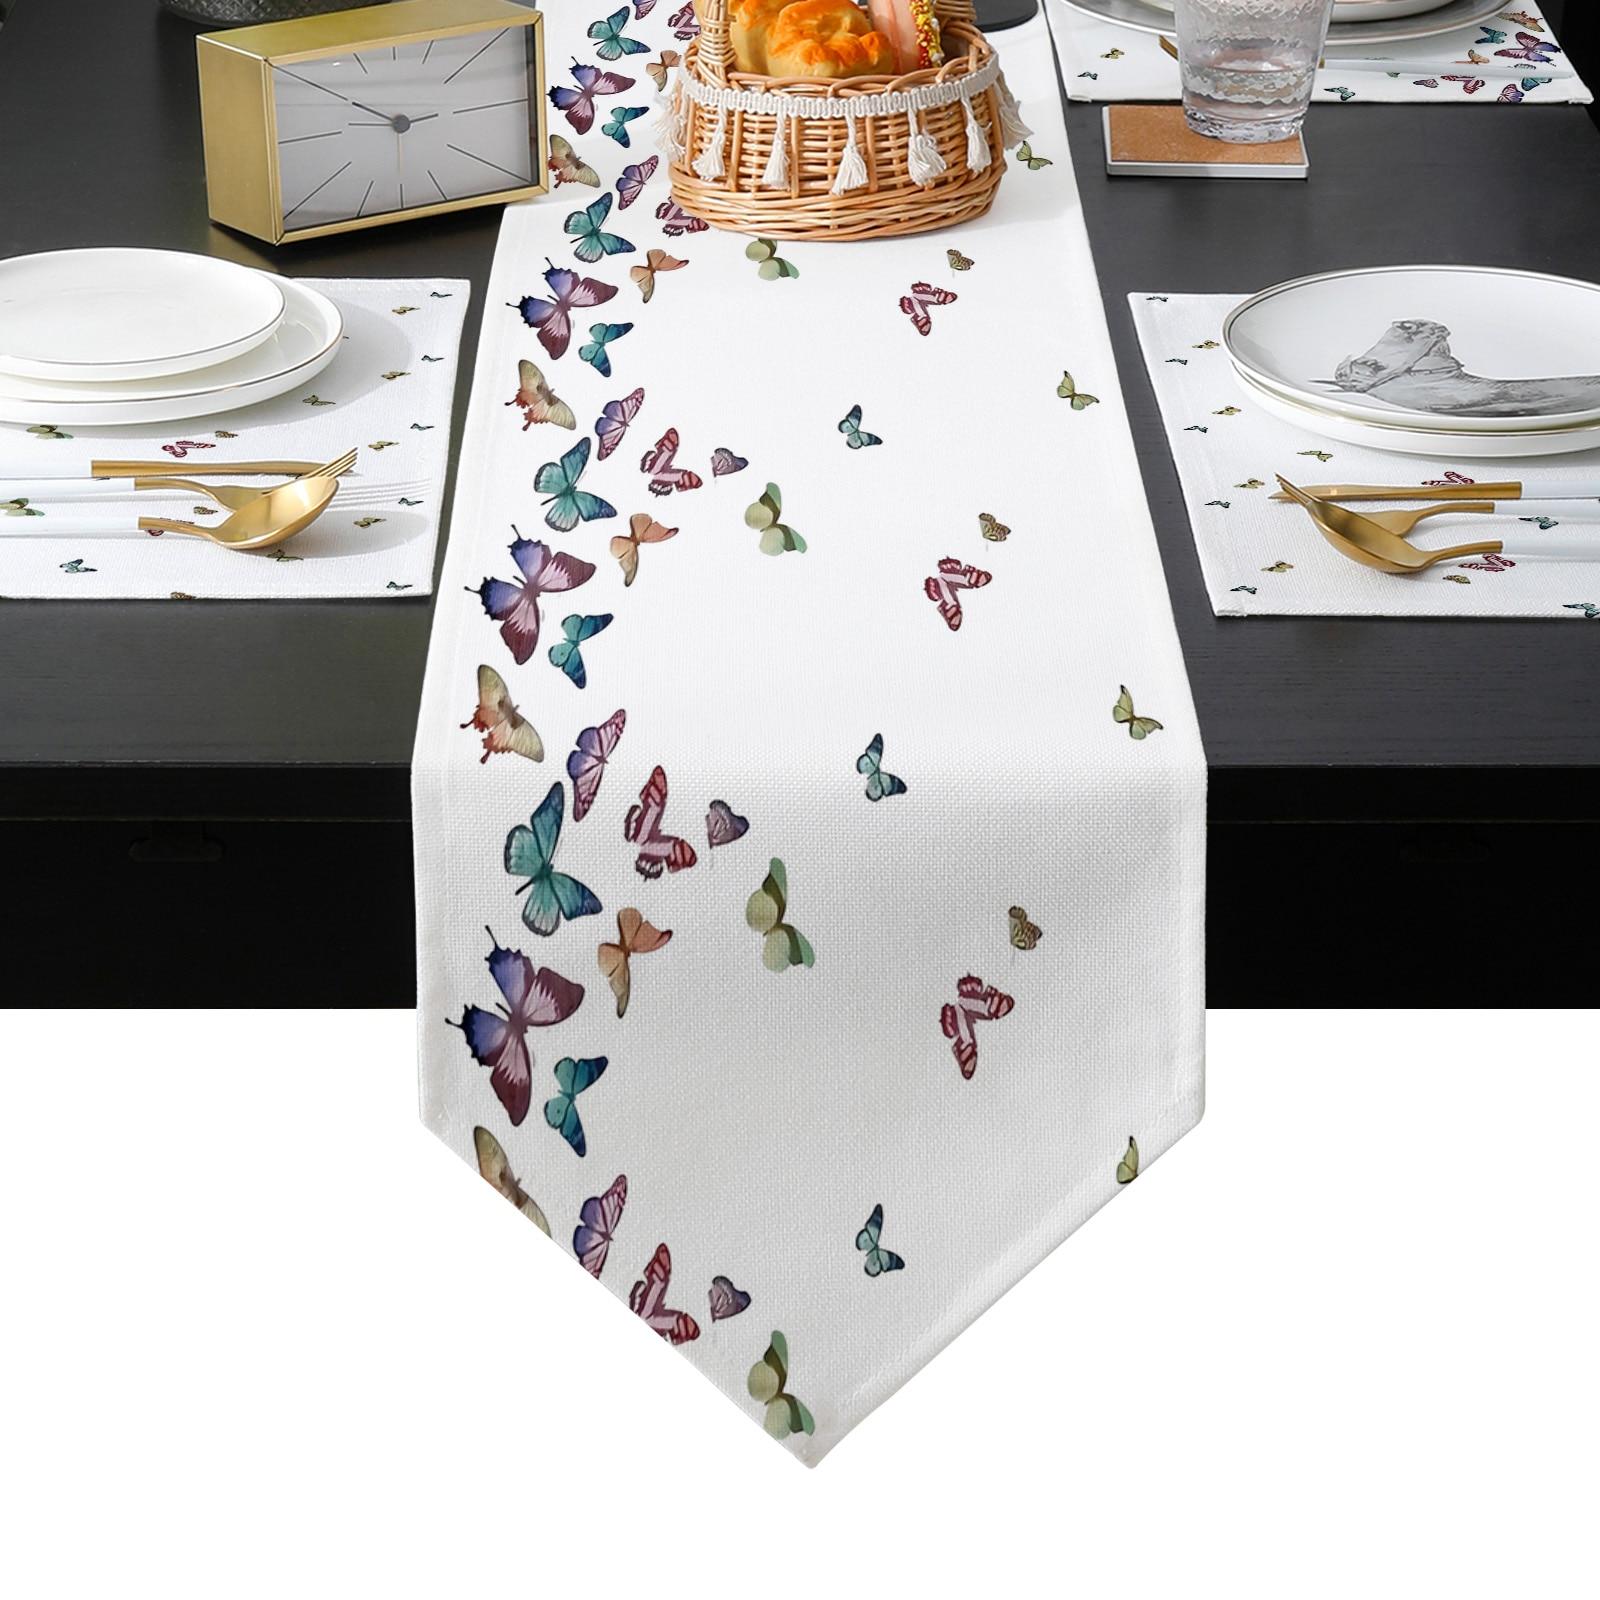 الفراشات الملونة Pring الجدول عداء عطلة المطبخ طاولة طعام العدائين مكان الحصير مجموعة للمنزل ديكور الحفلات